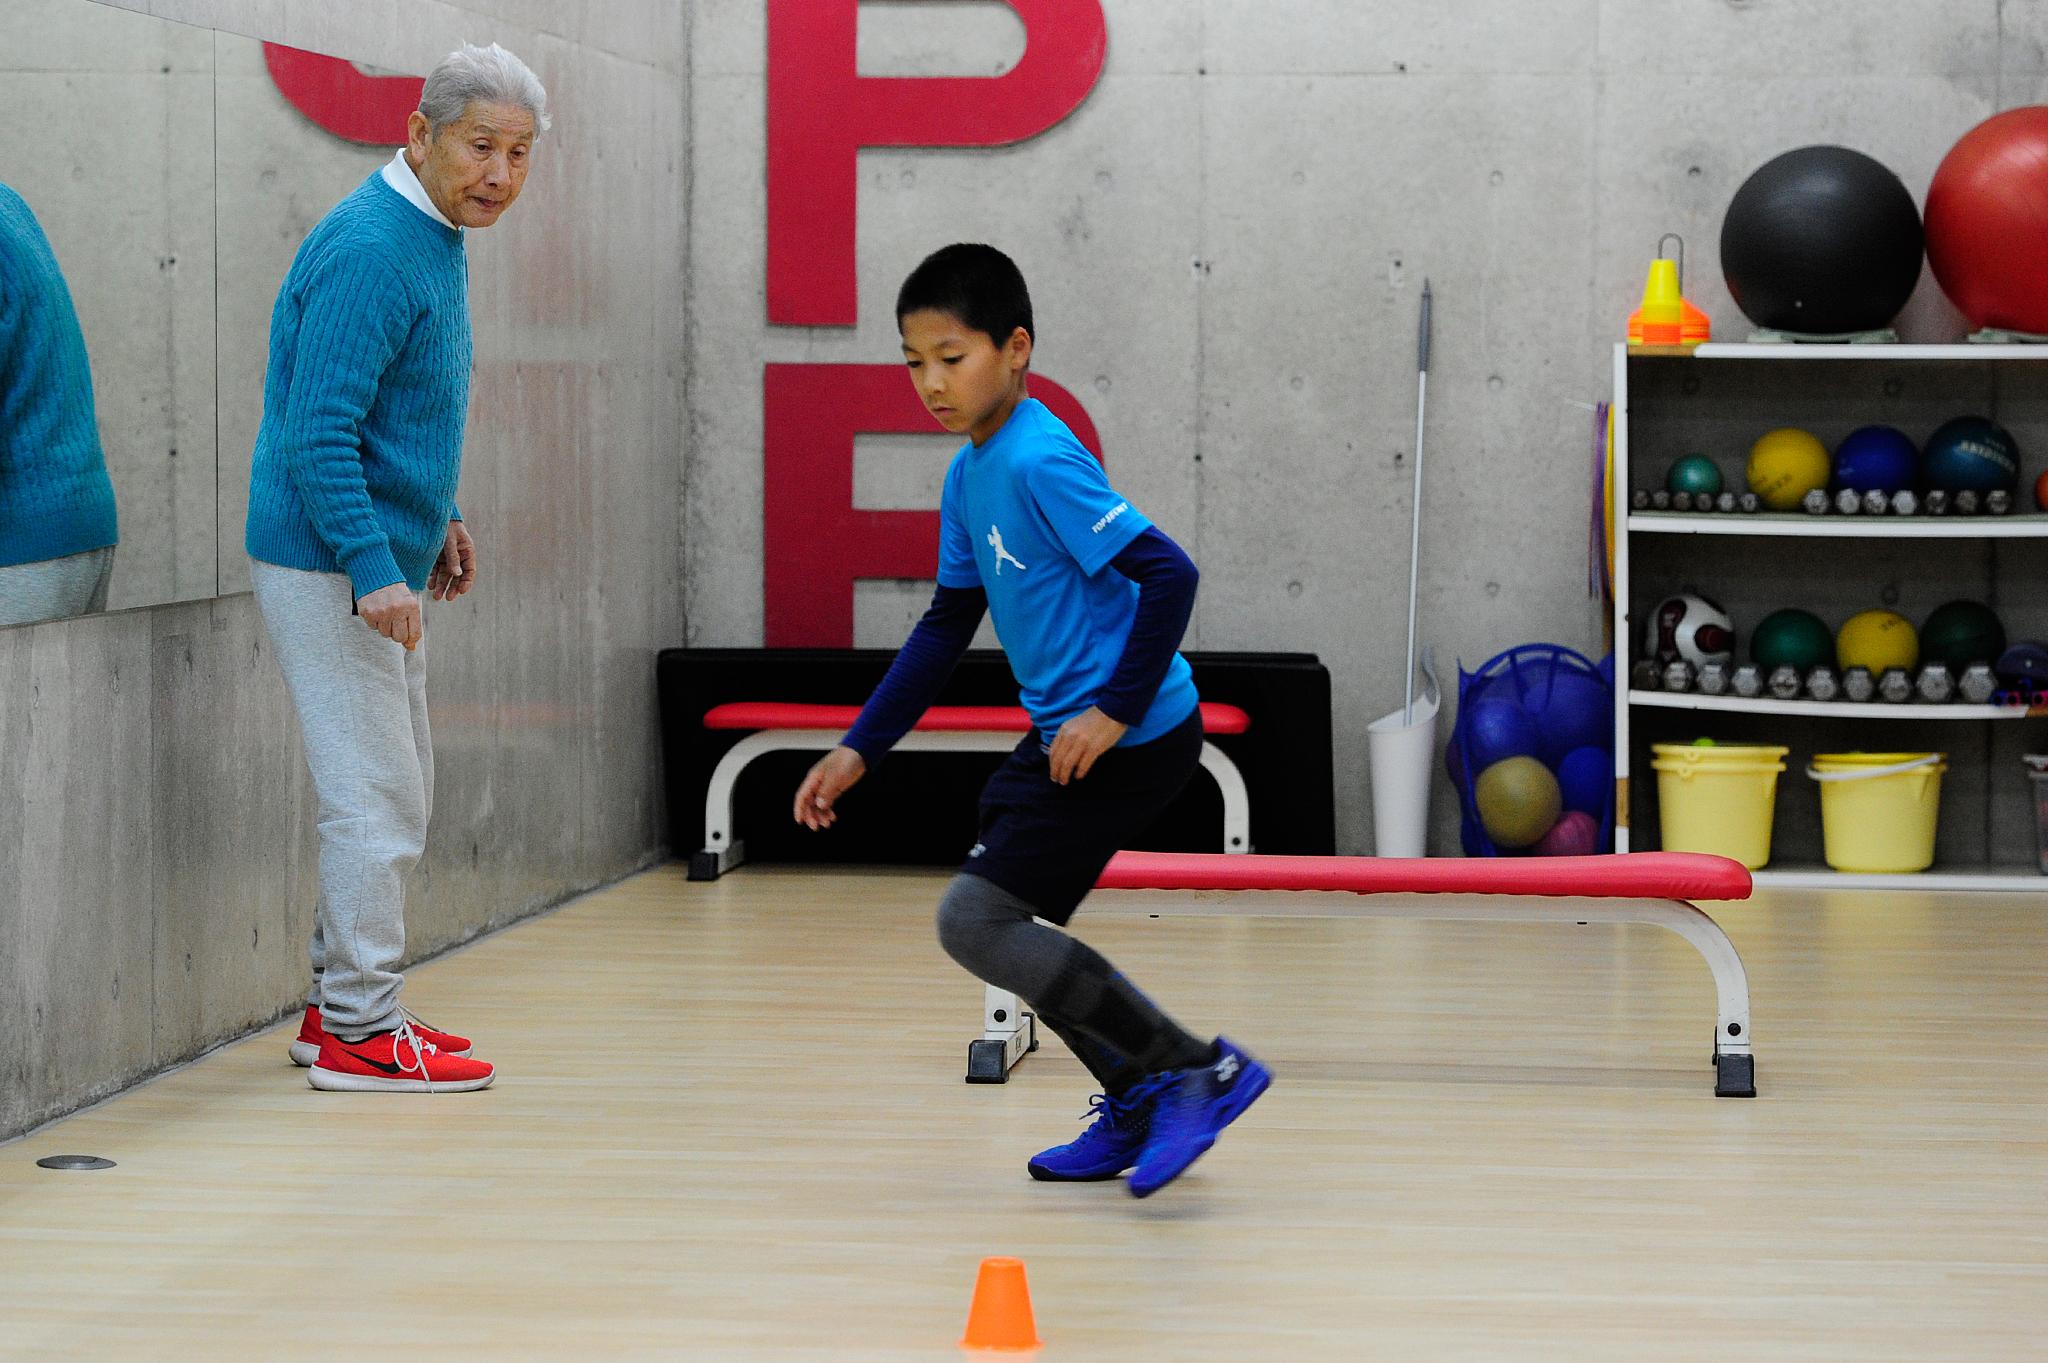 TPP 田中洋先生とのトレーニング 1月 #3